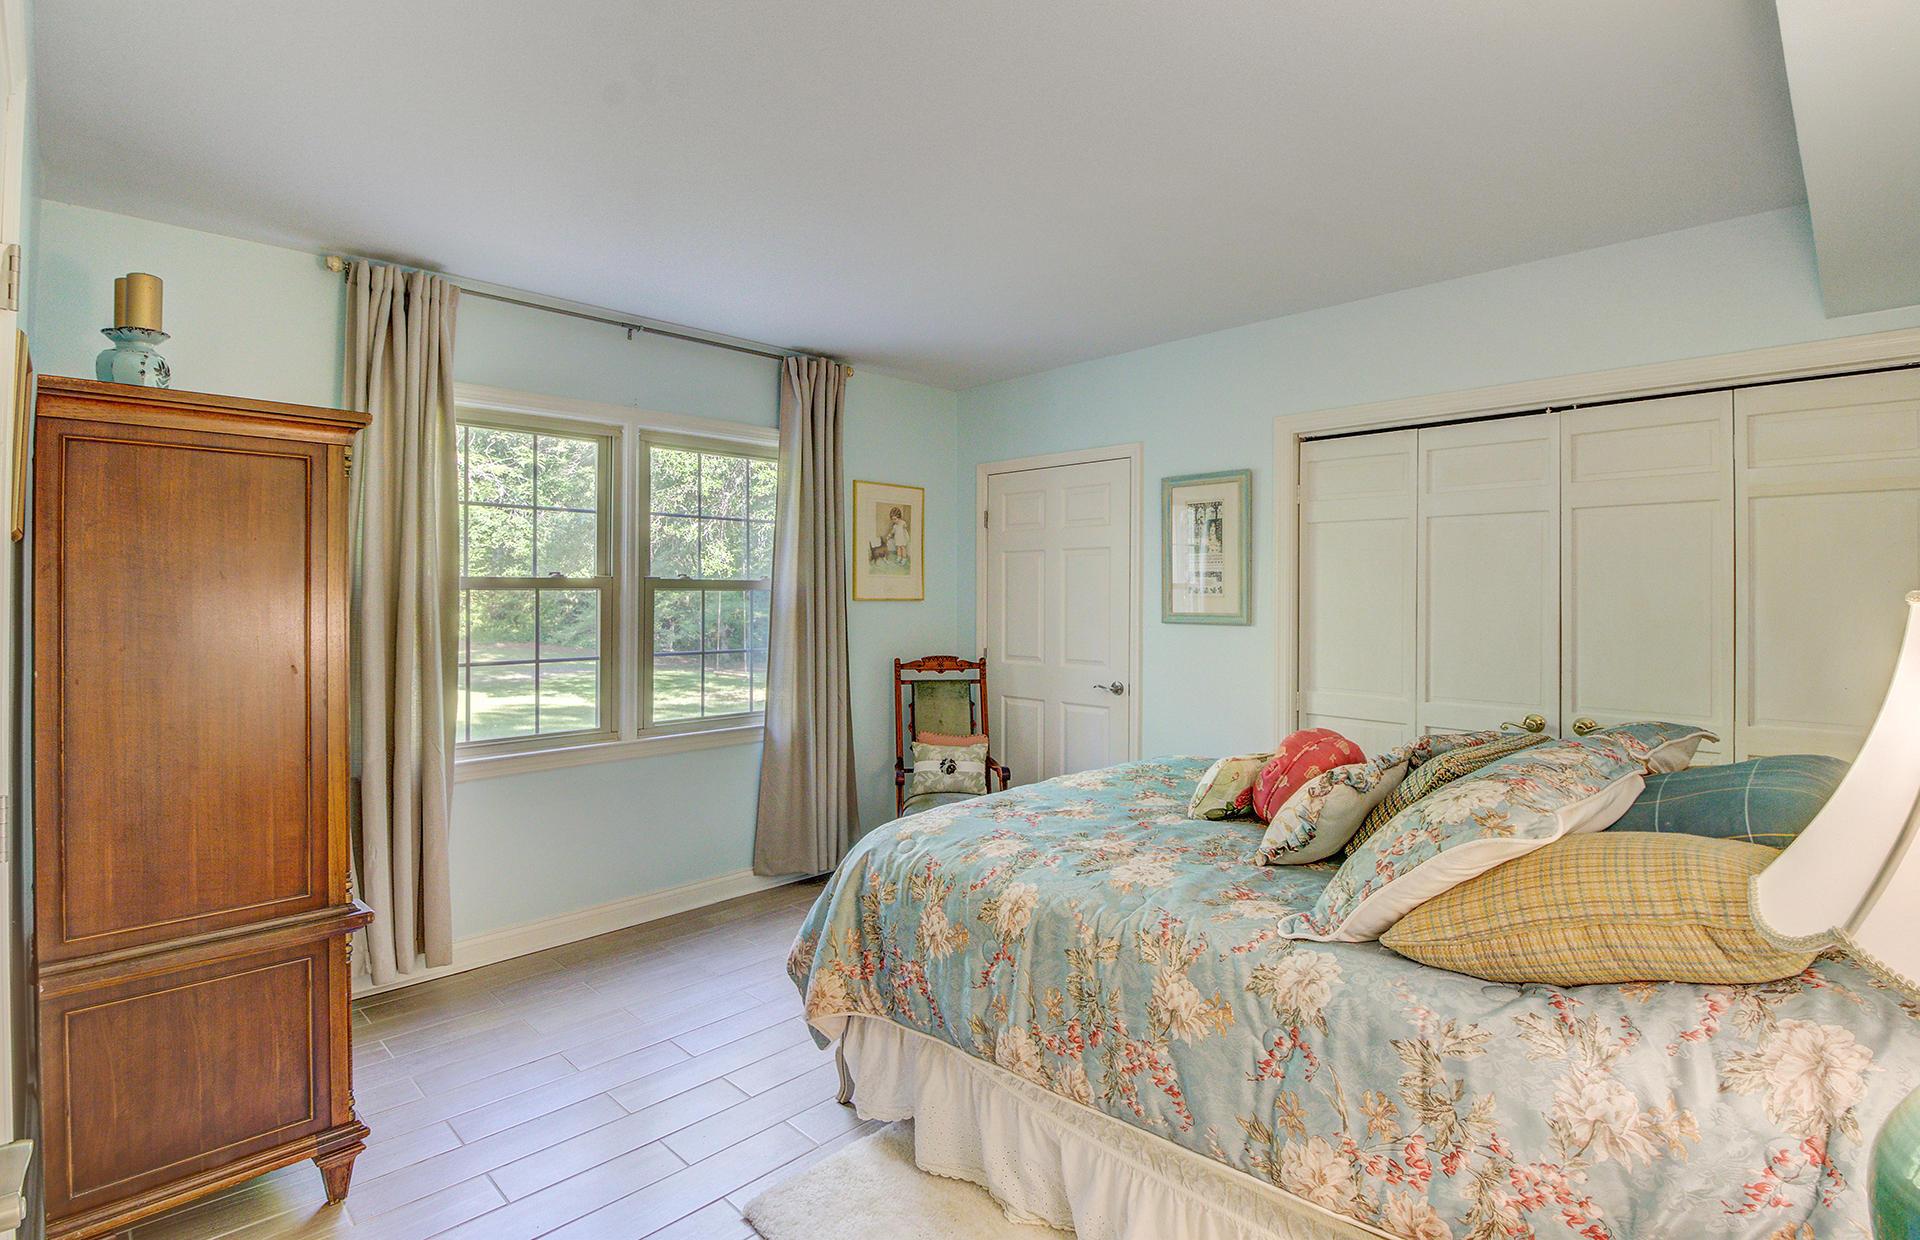 Pine Forest Inn Homes For Sale - 543 Simmons, Summerville, SC - 57